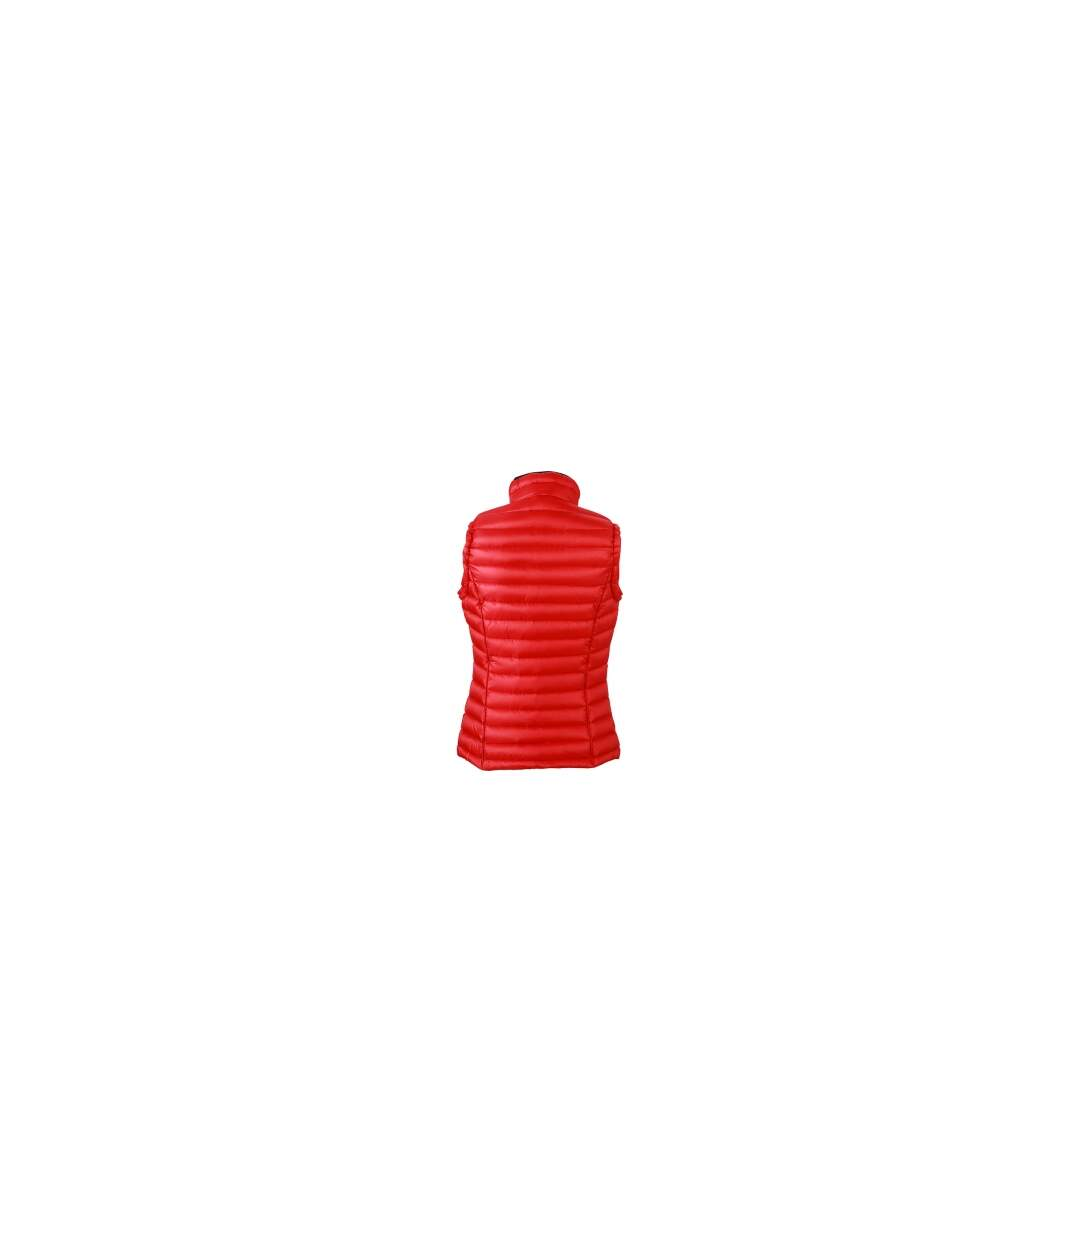 Gilet sans manches matelassé duvet FEMME - JN1079 rouge - doudoune anorak